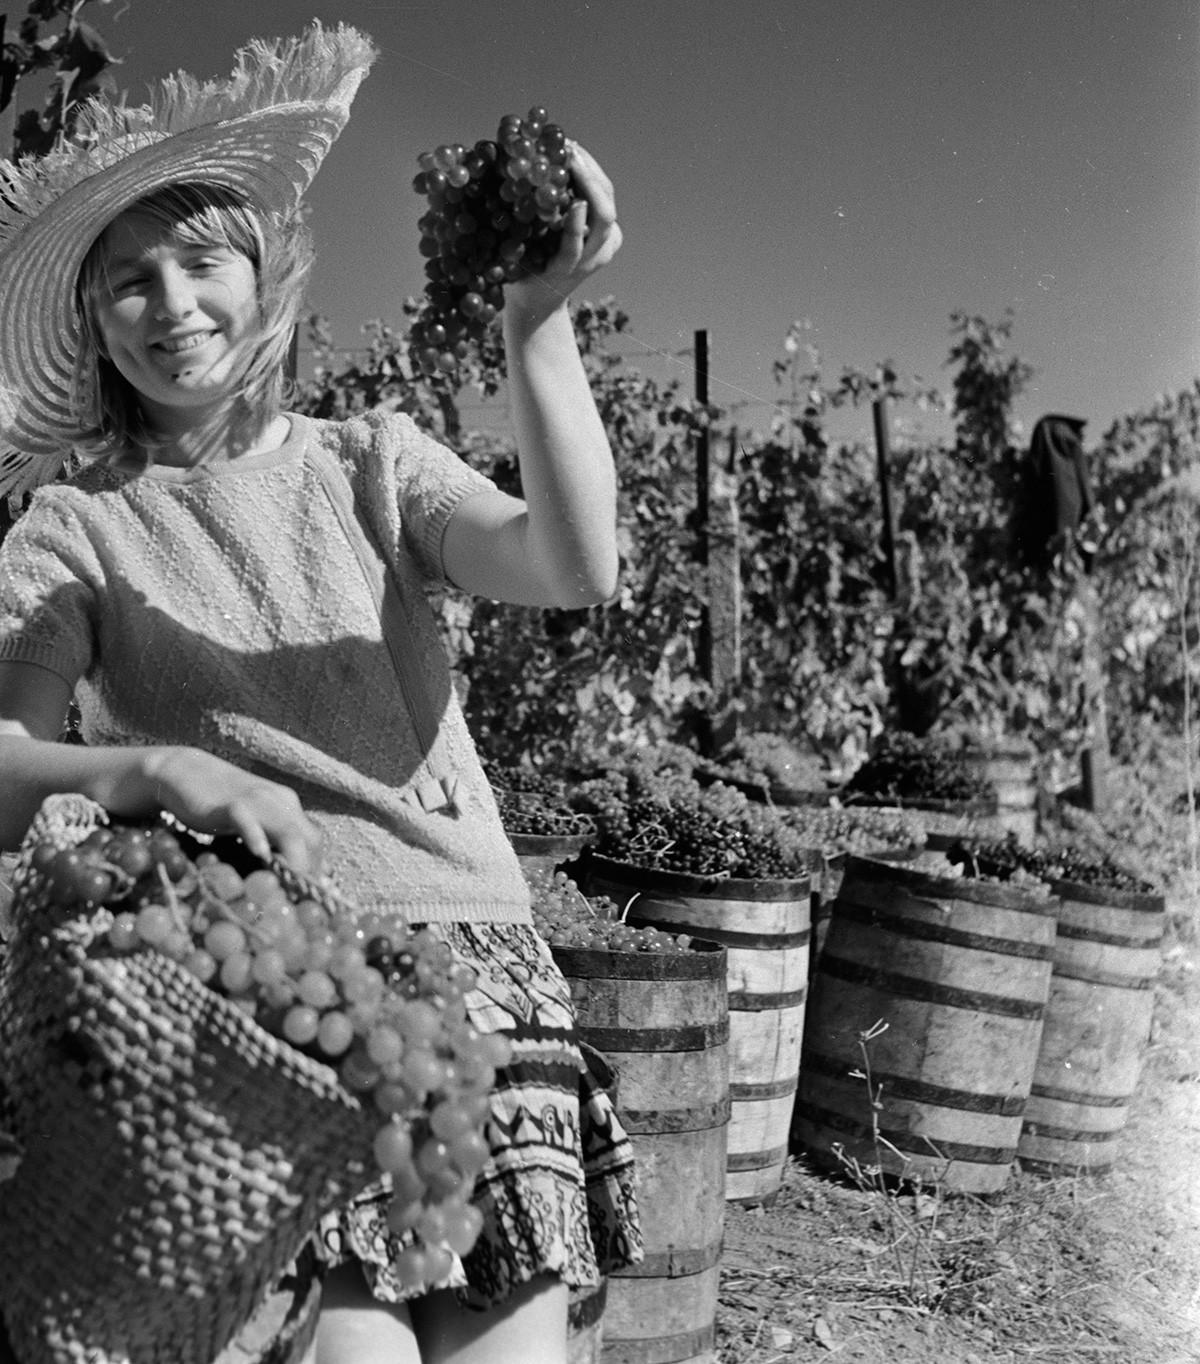 """Берба на грозје во совхозот (државно земјоделско добро во СССР) """"Гурзуф""""."""